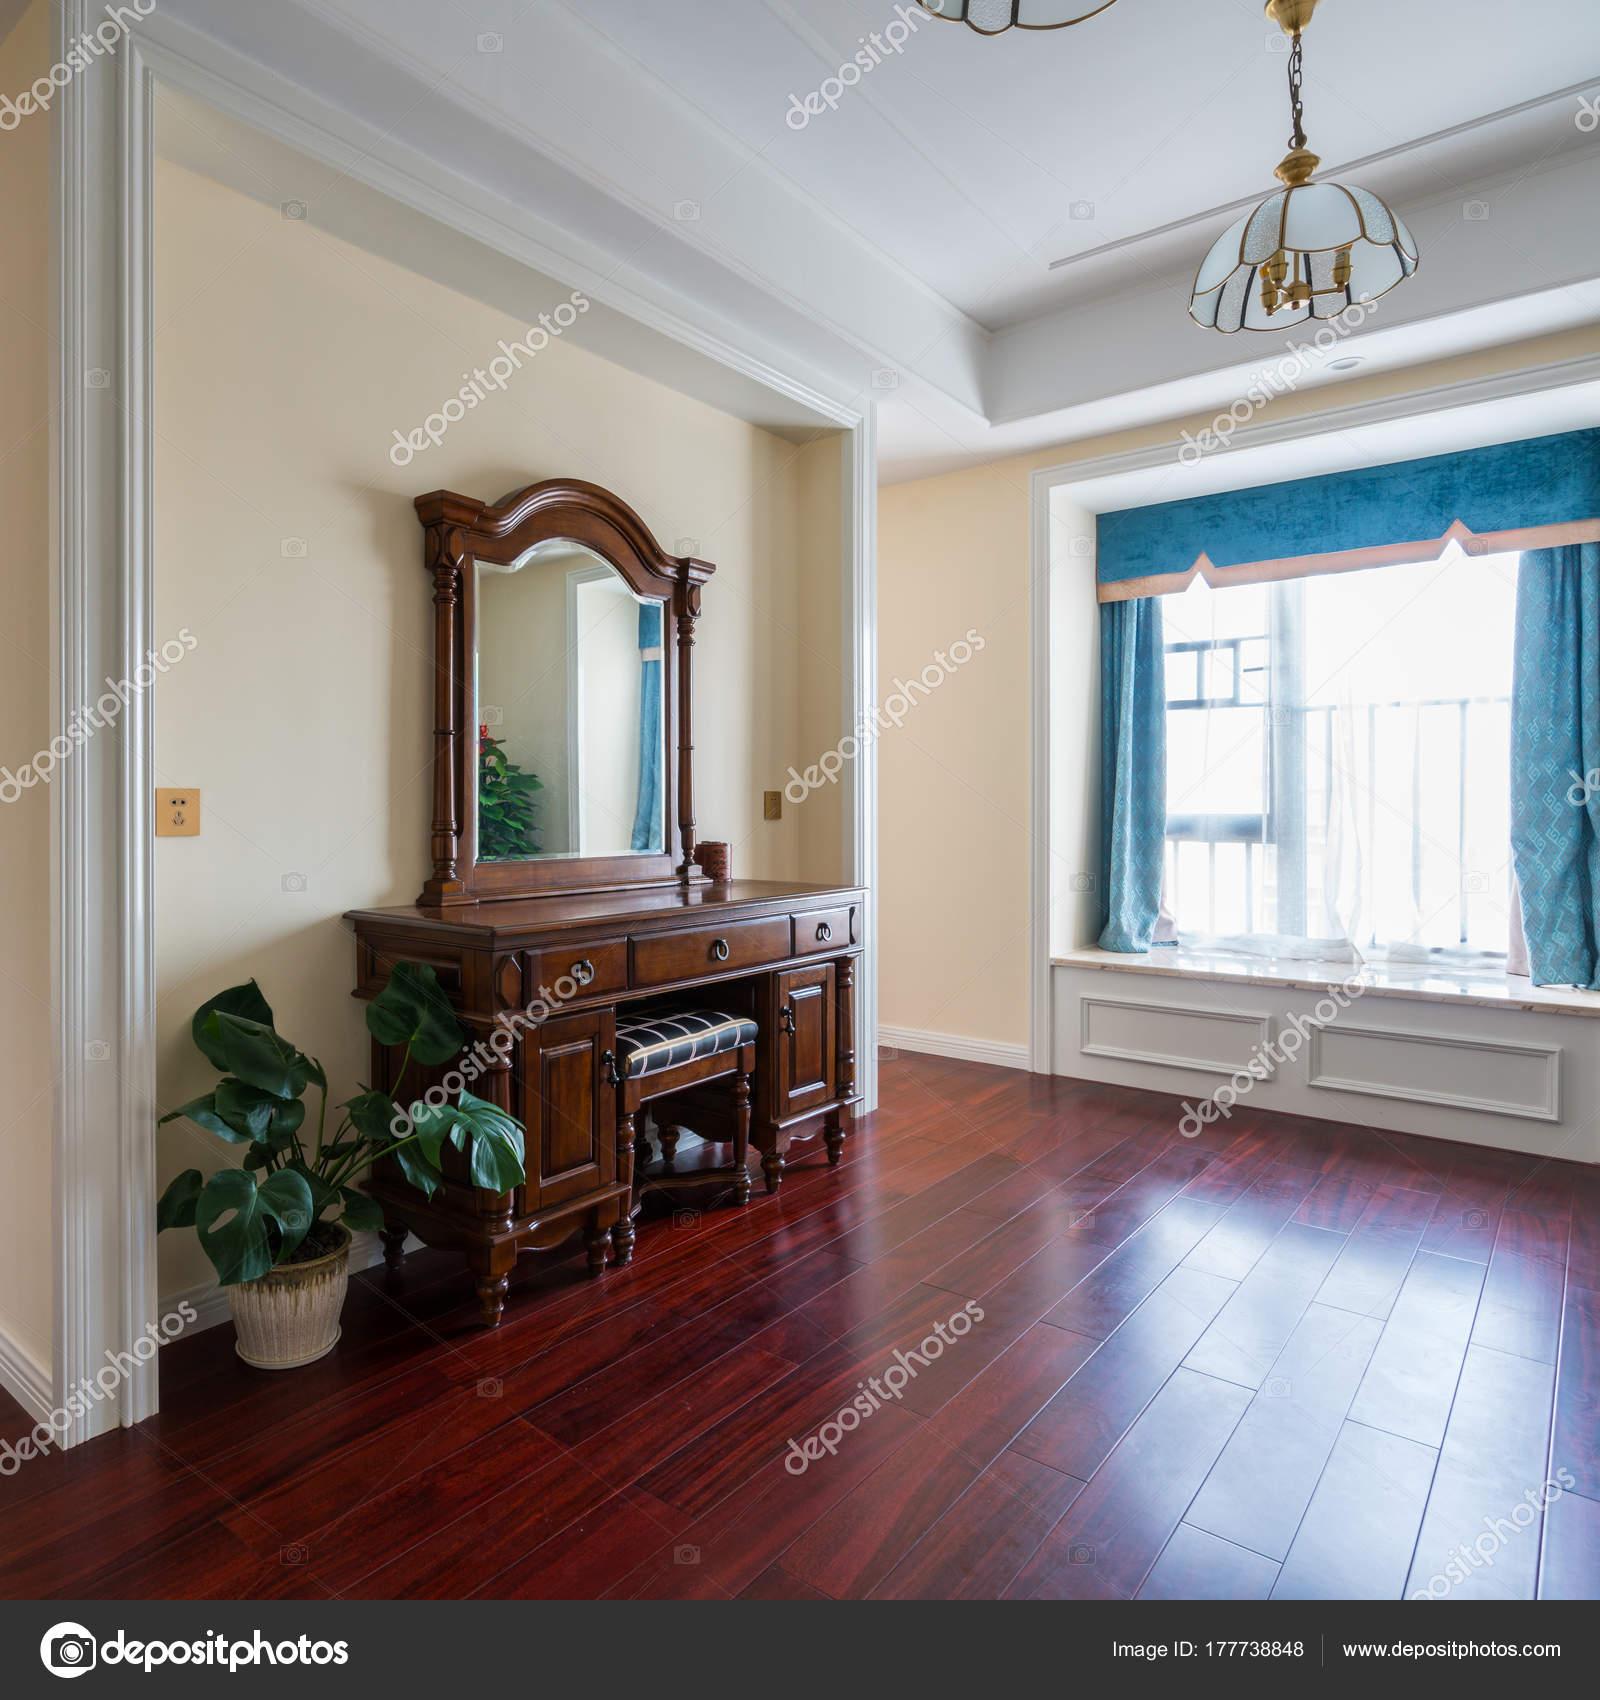 dressoir in slaapkamer — Stockfoto © roseburn3djob #177738848